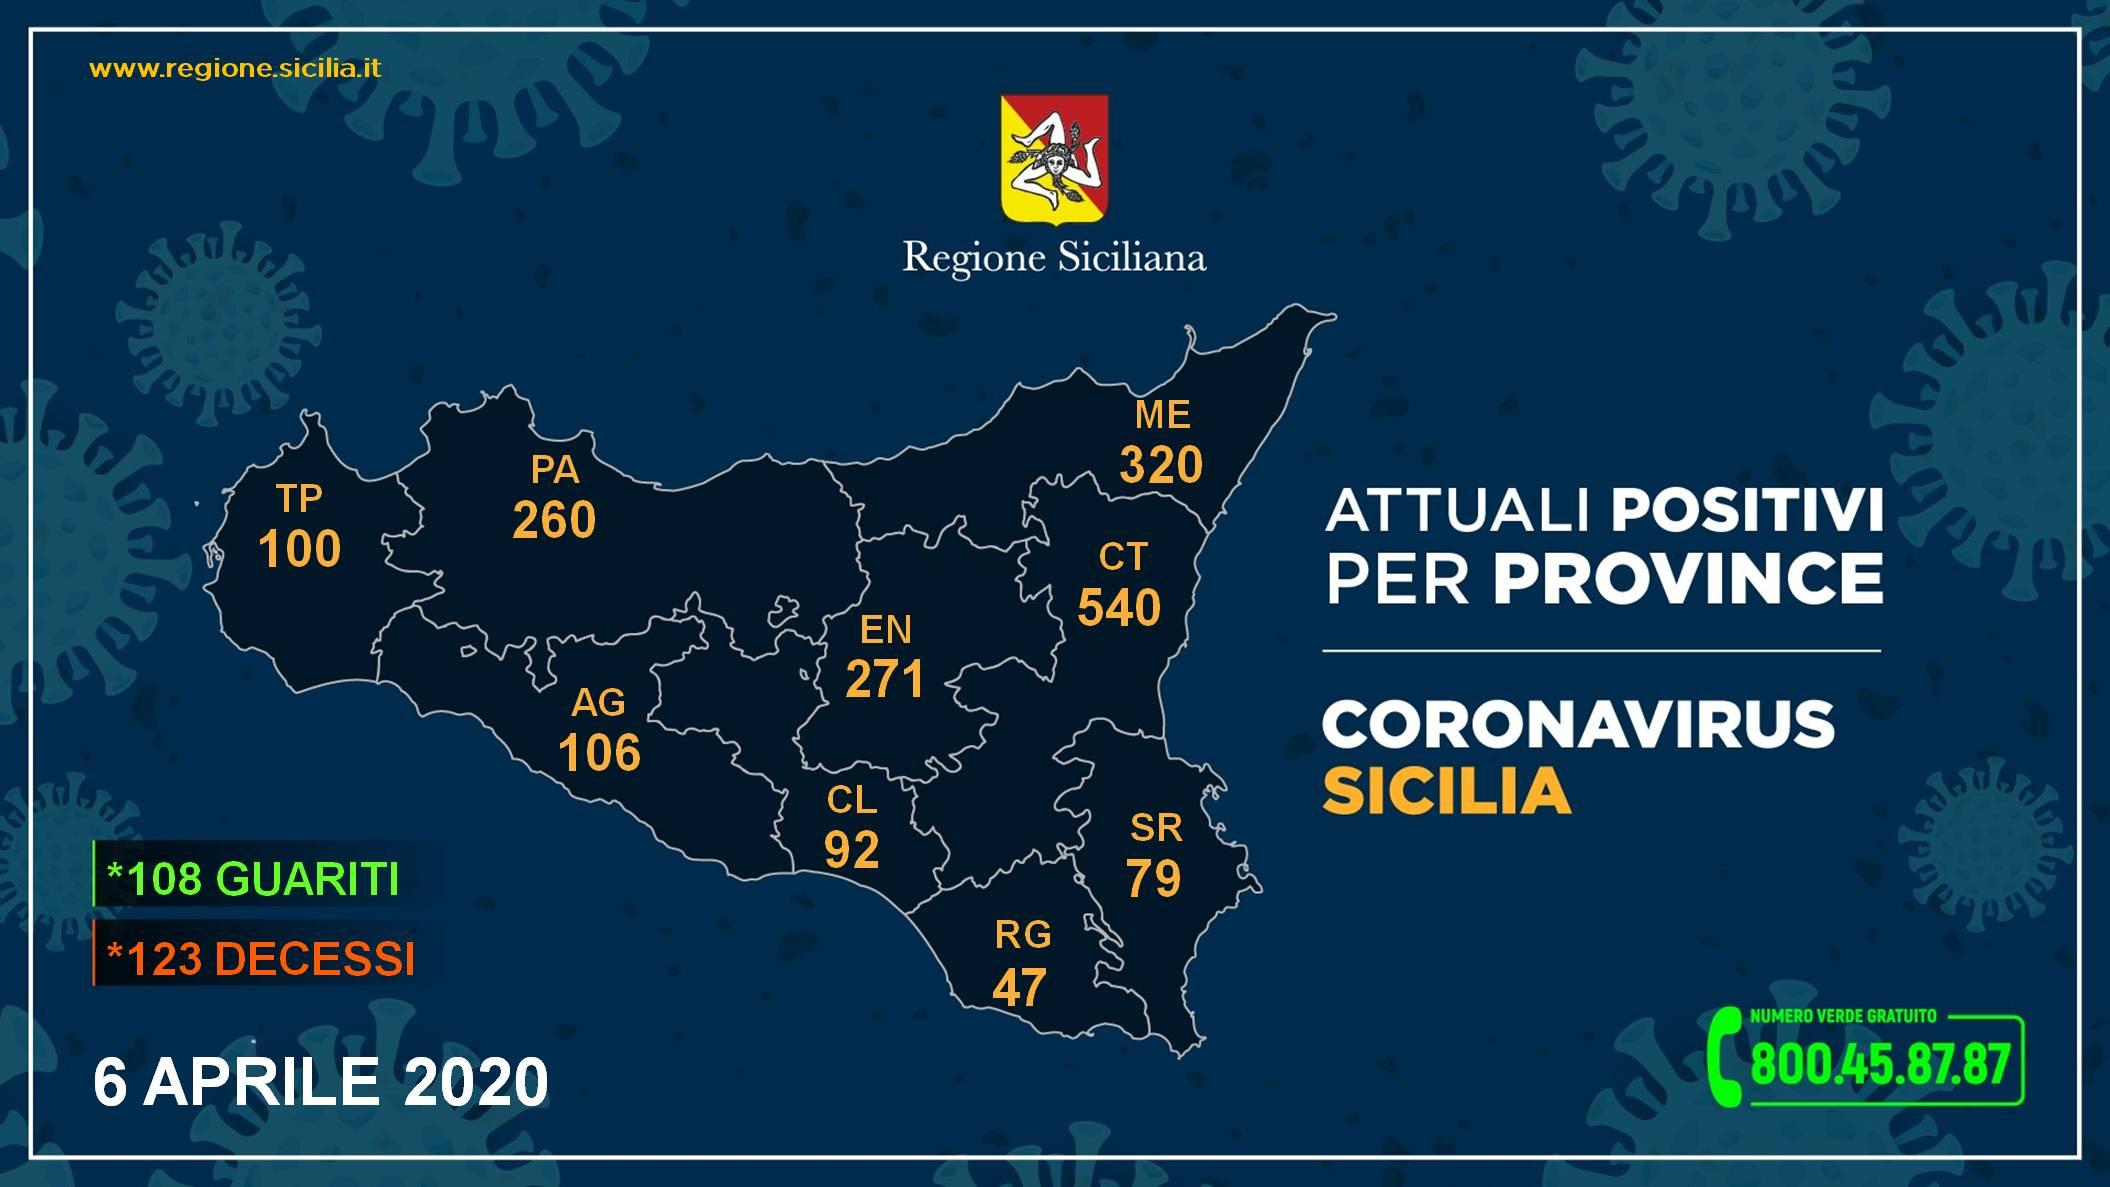 Coronavirus Sicilia, i dati del 6 aprile: continua la discesa